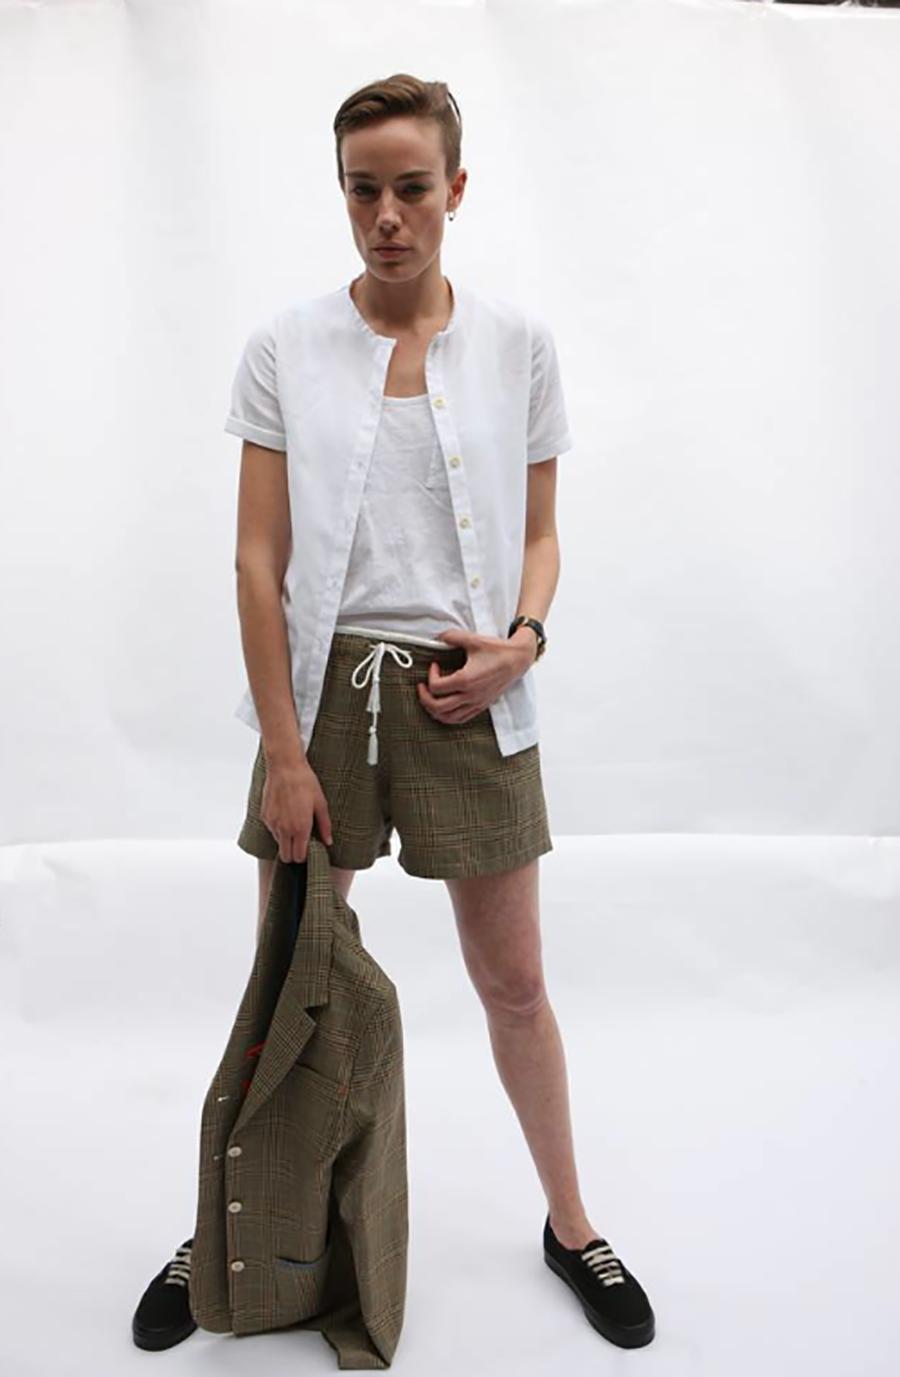 airtex sports shirt, check shorts.jpg